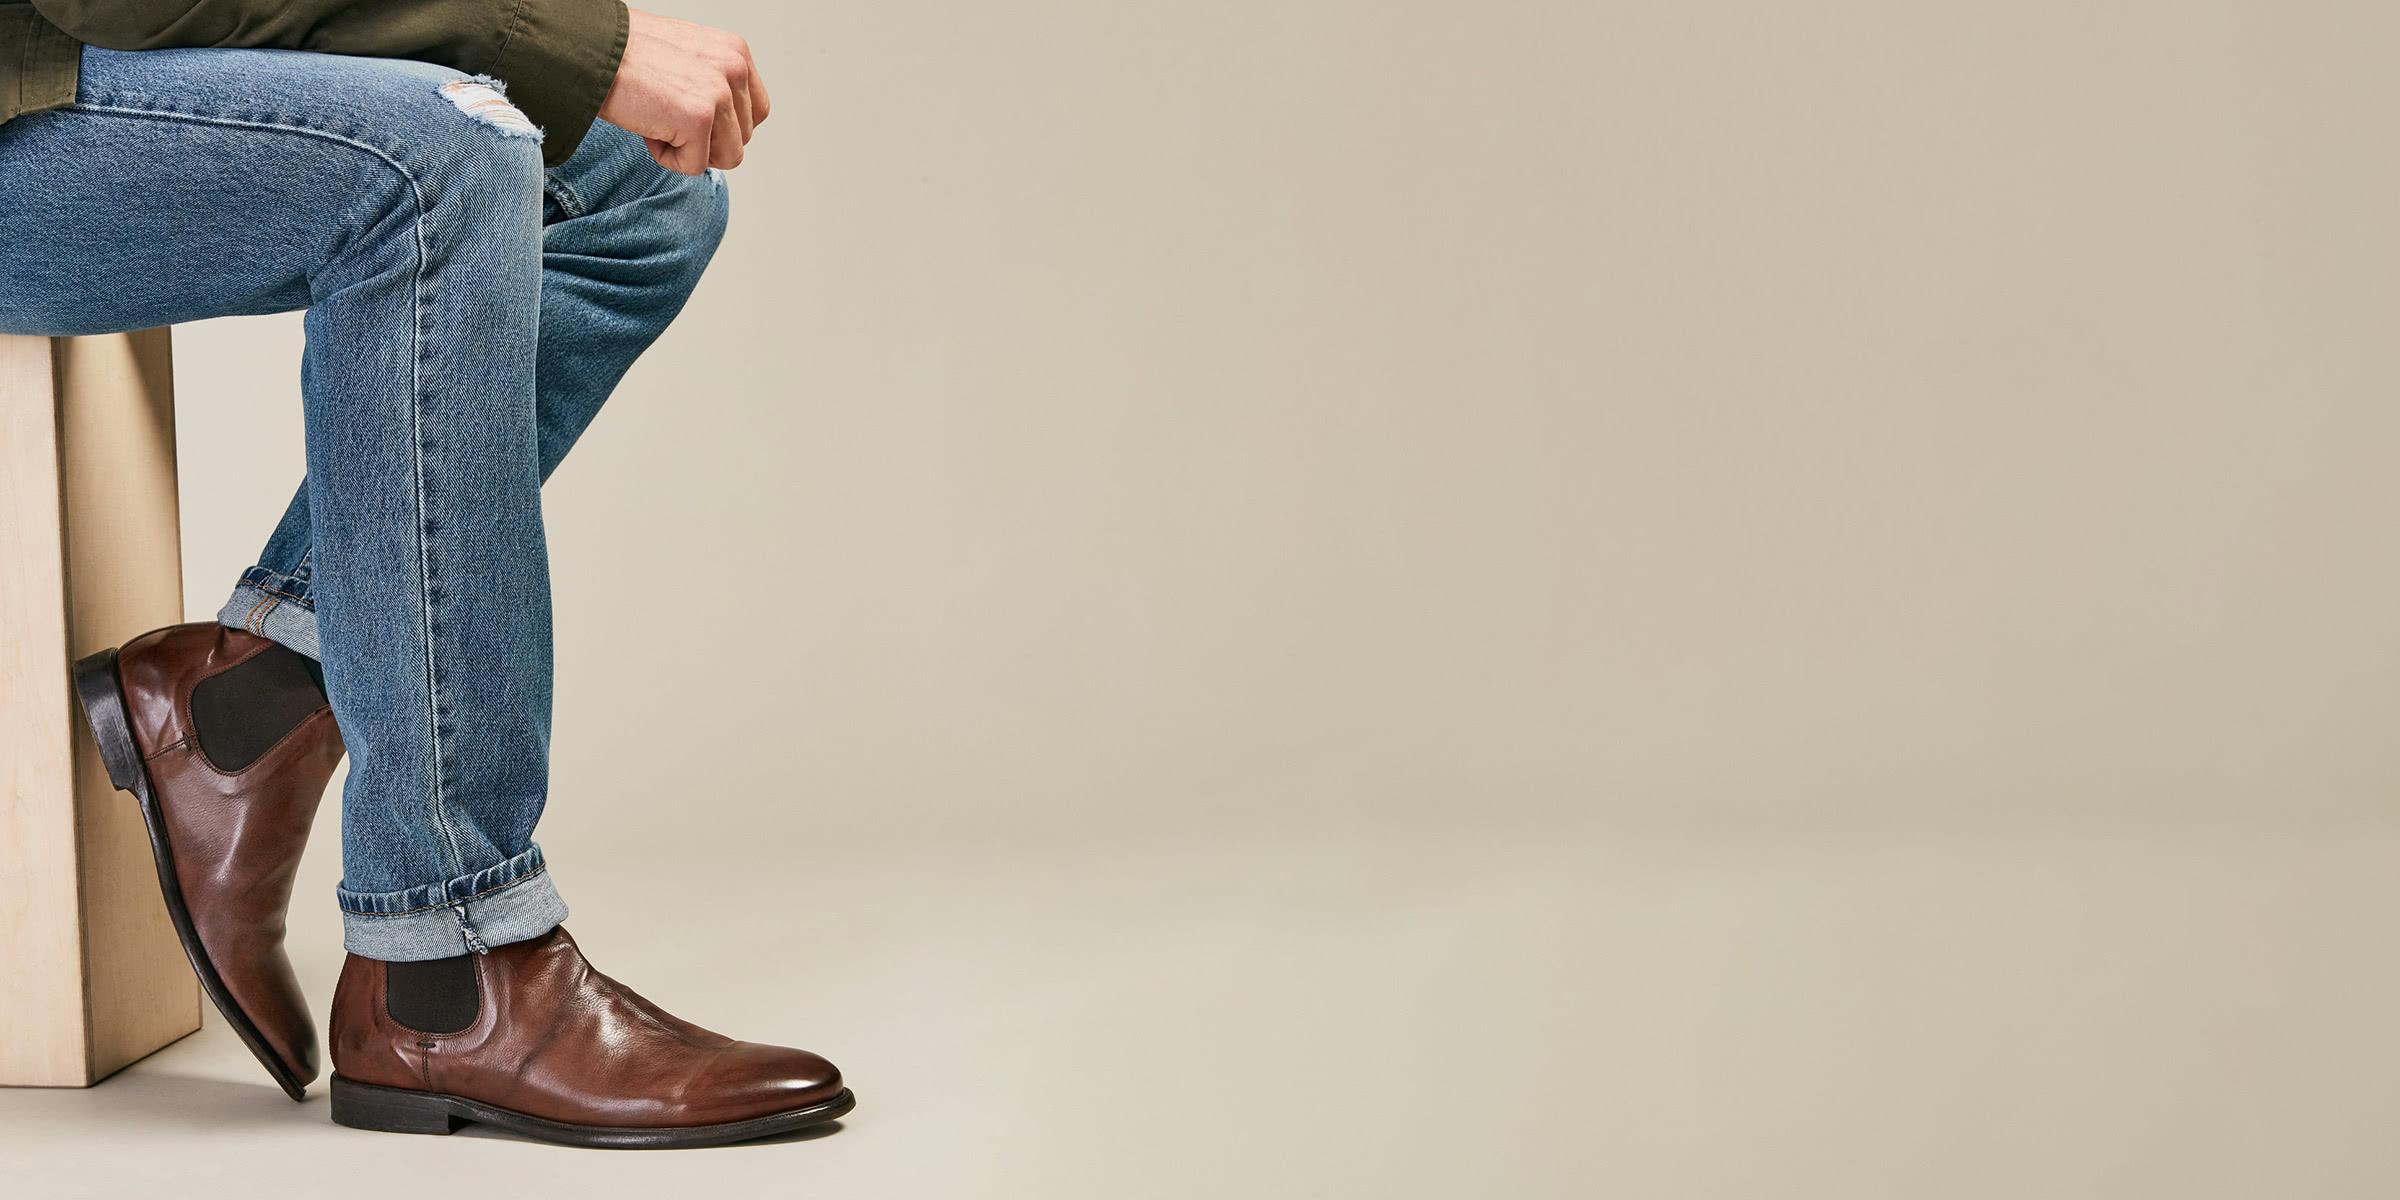 best chelsea boots men - Luxe Digital